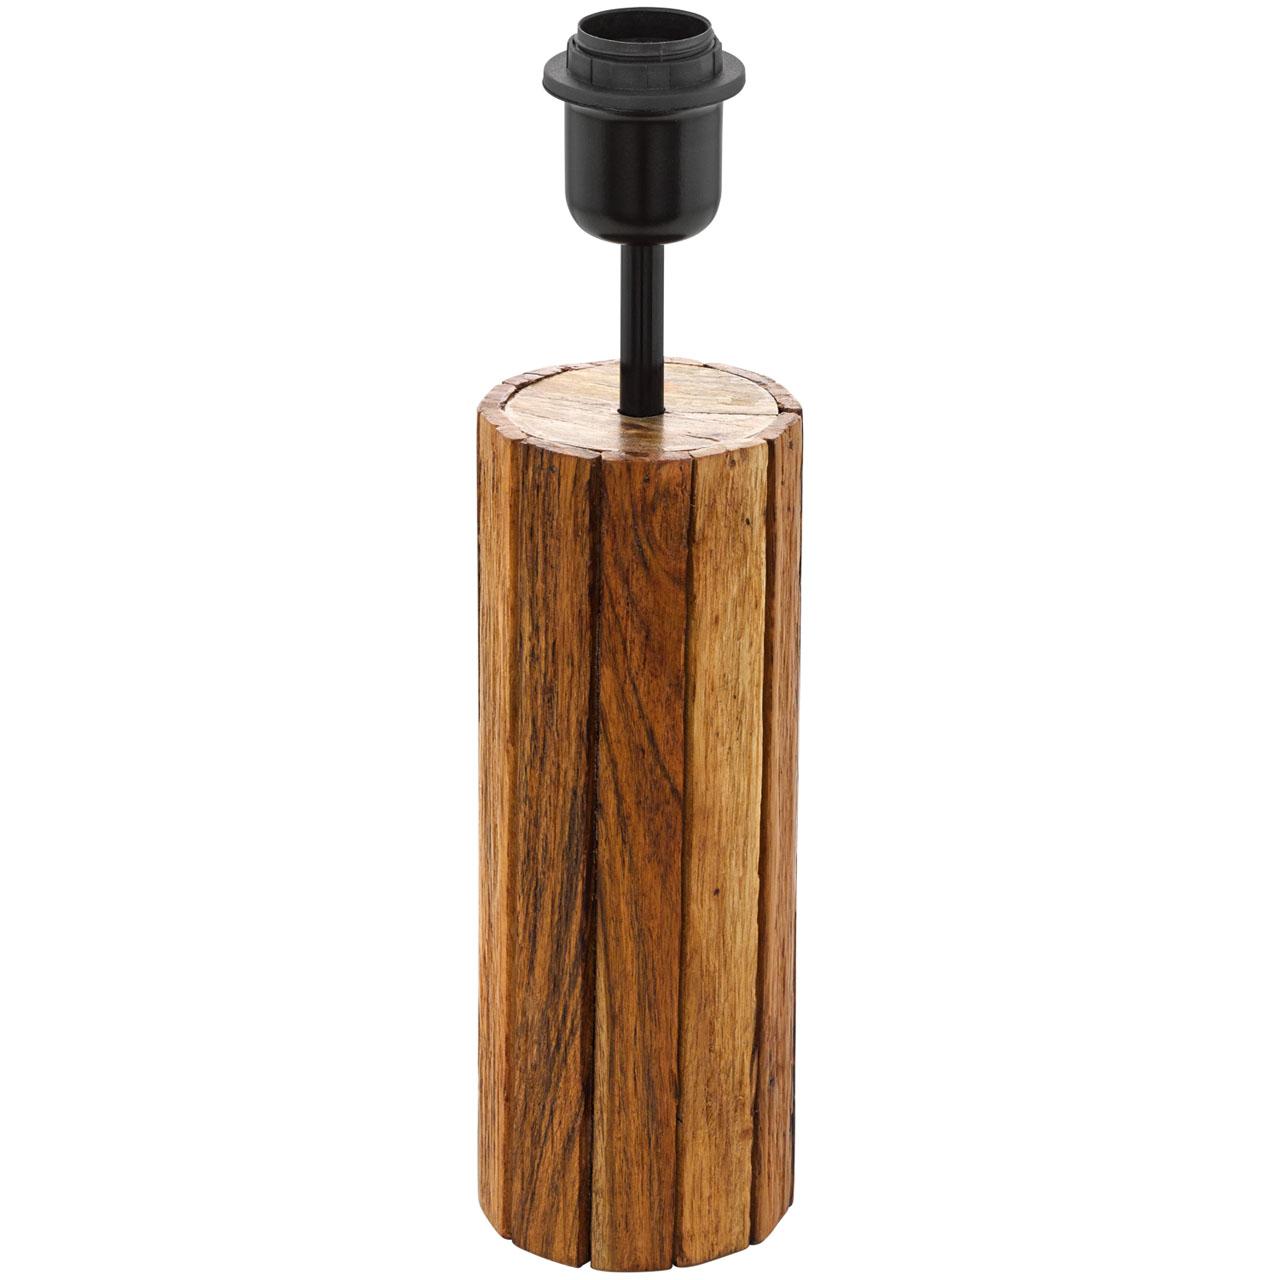 Основа для настольной лампы Eglo Thornhill 49696